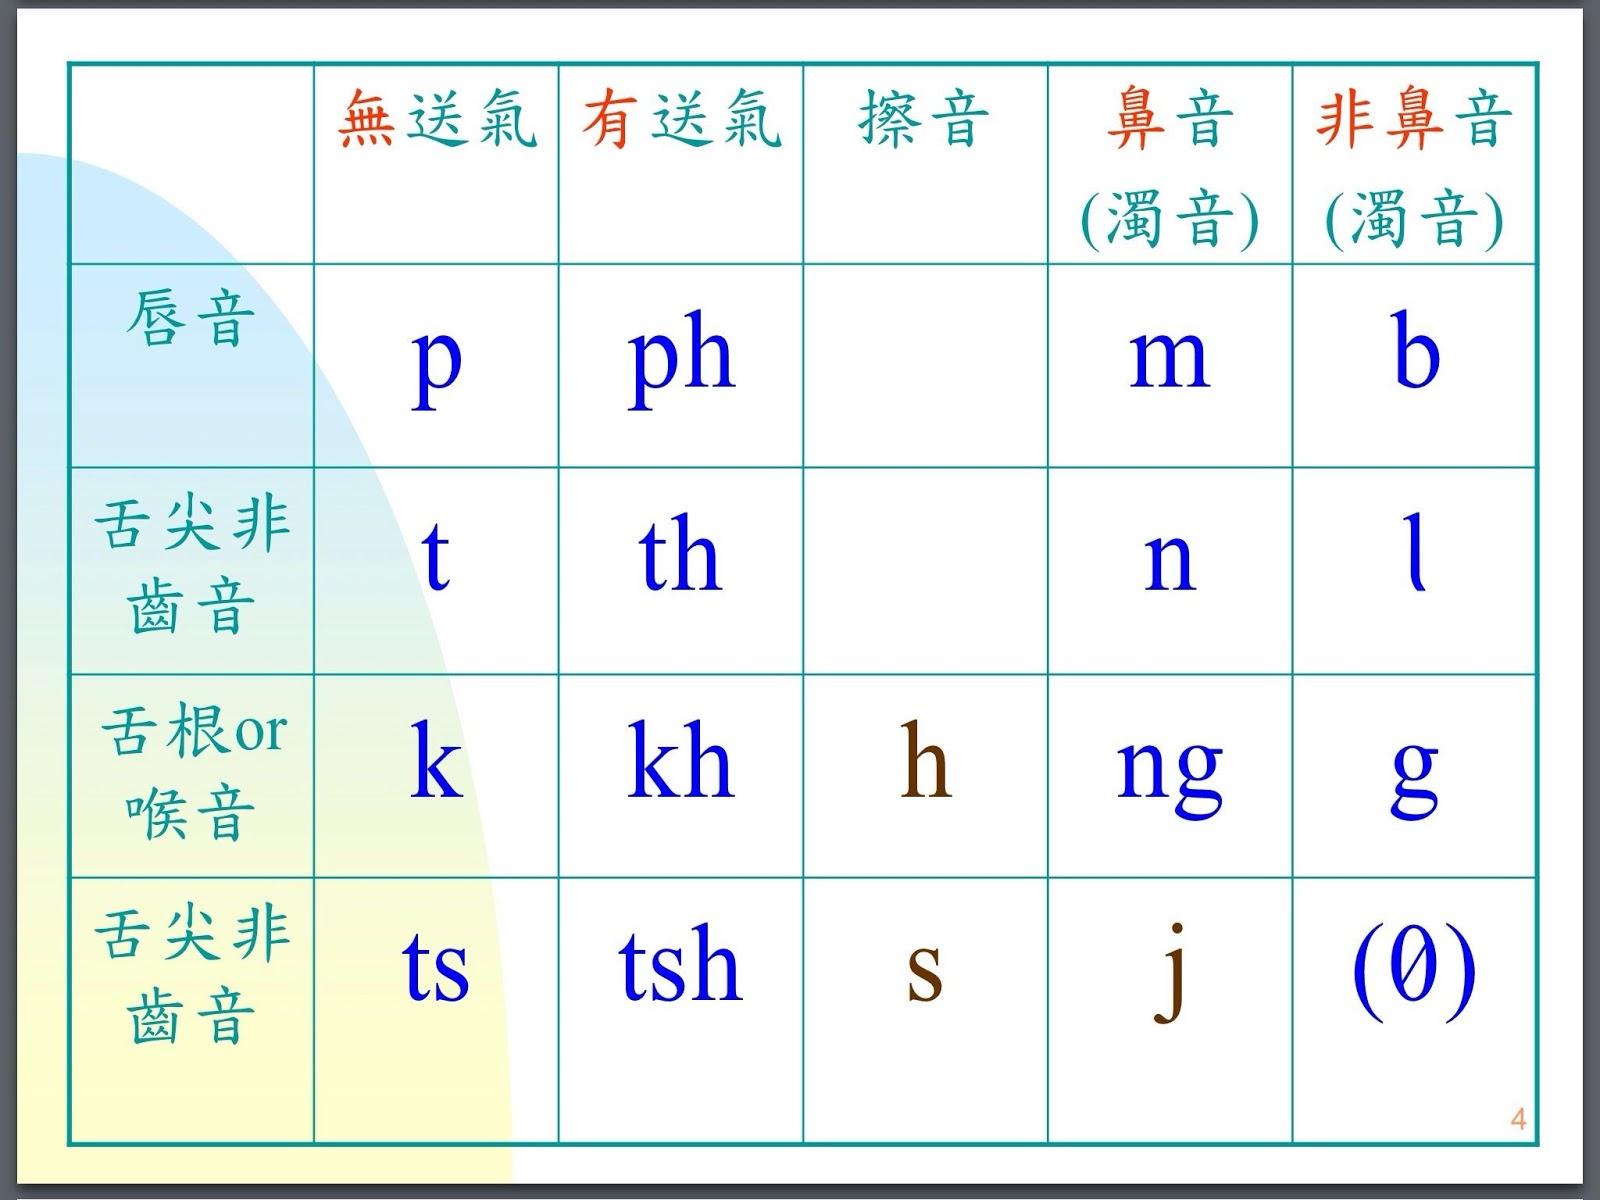 臺語讀寫 有聲教學: 臺語羅馬字聲韻相片檔_子音1